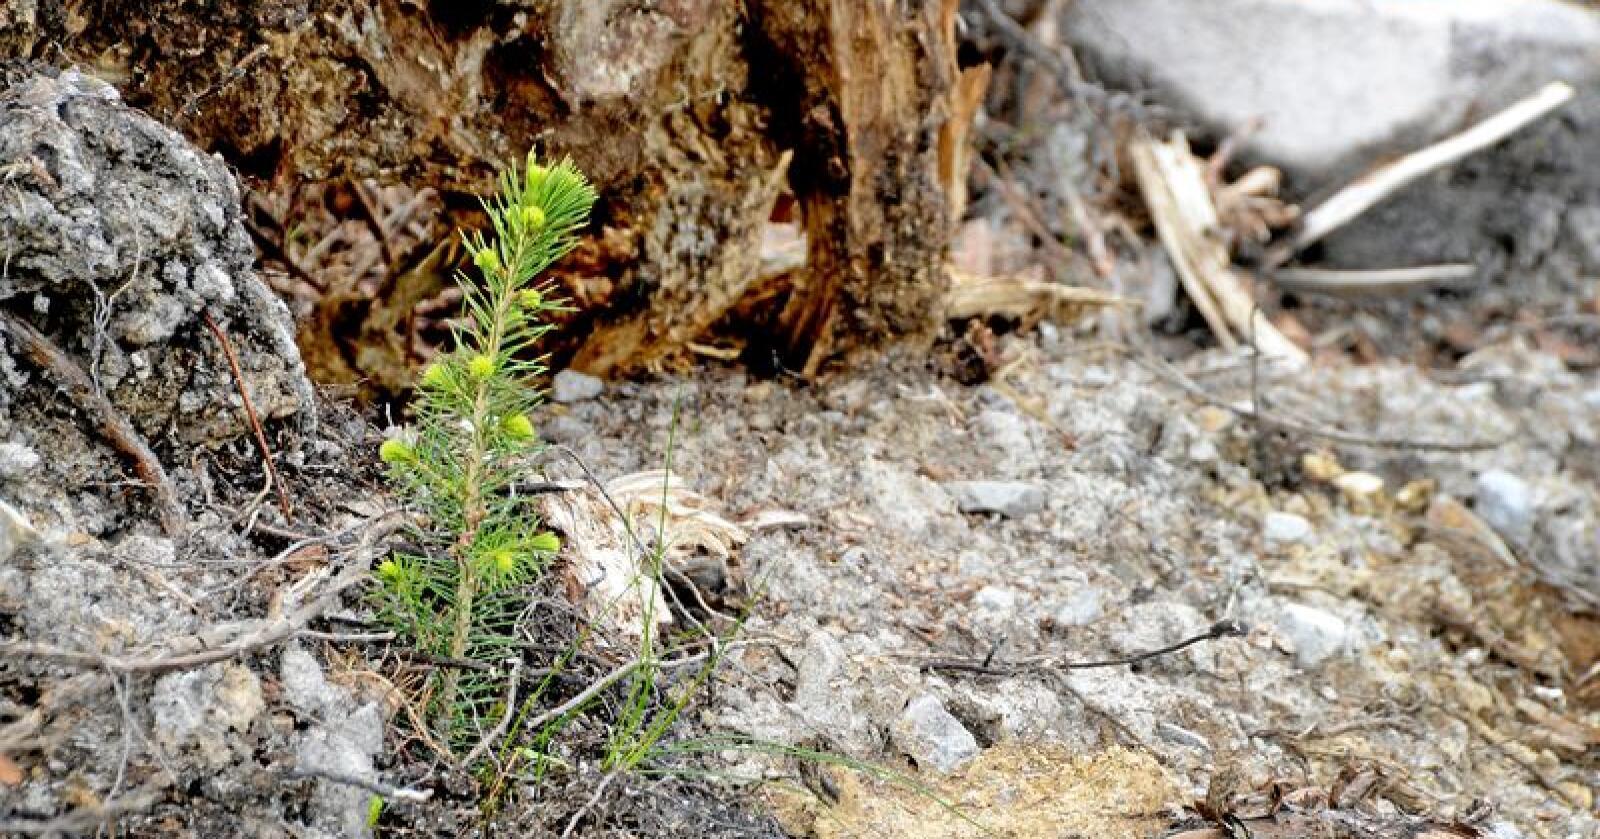 Planting av skog på nye arealer er et godt klimatiltak, men klima- og miljødepartementet vil gå nøye gjennom konsekvensene. Foto: Mariann Tvete